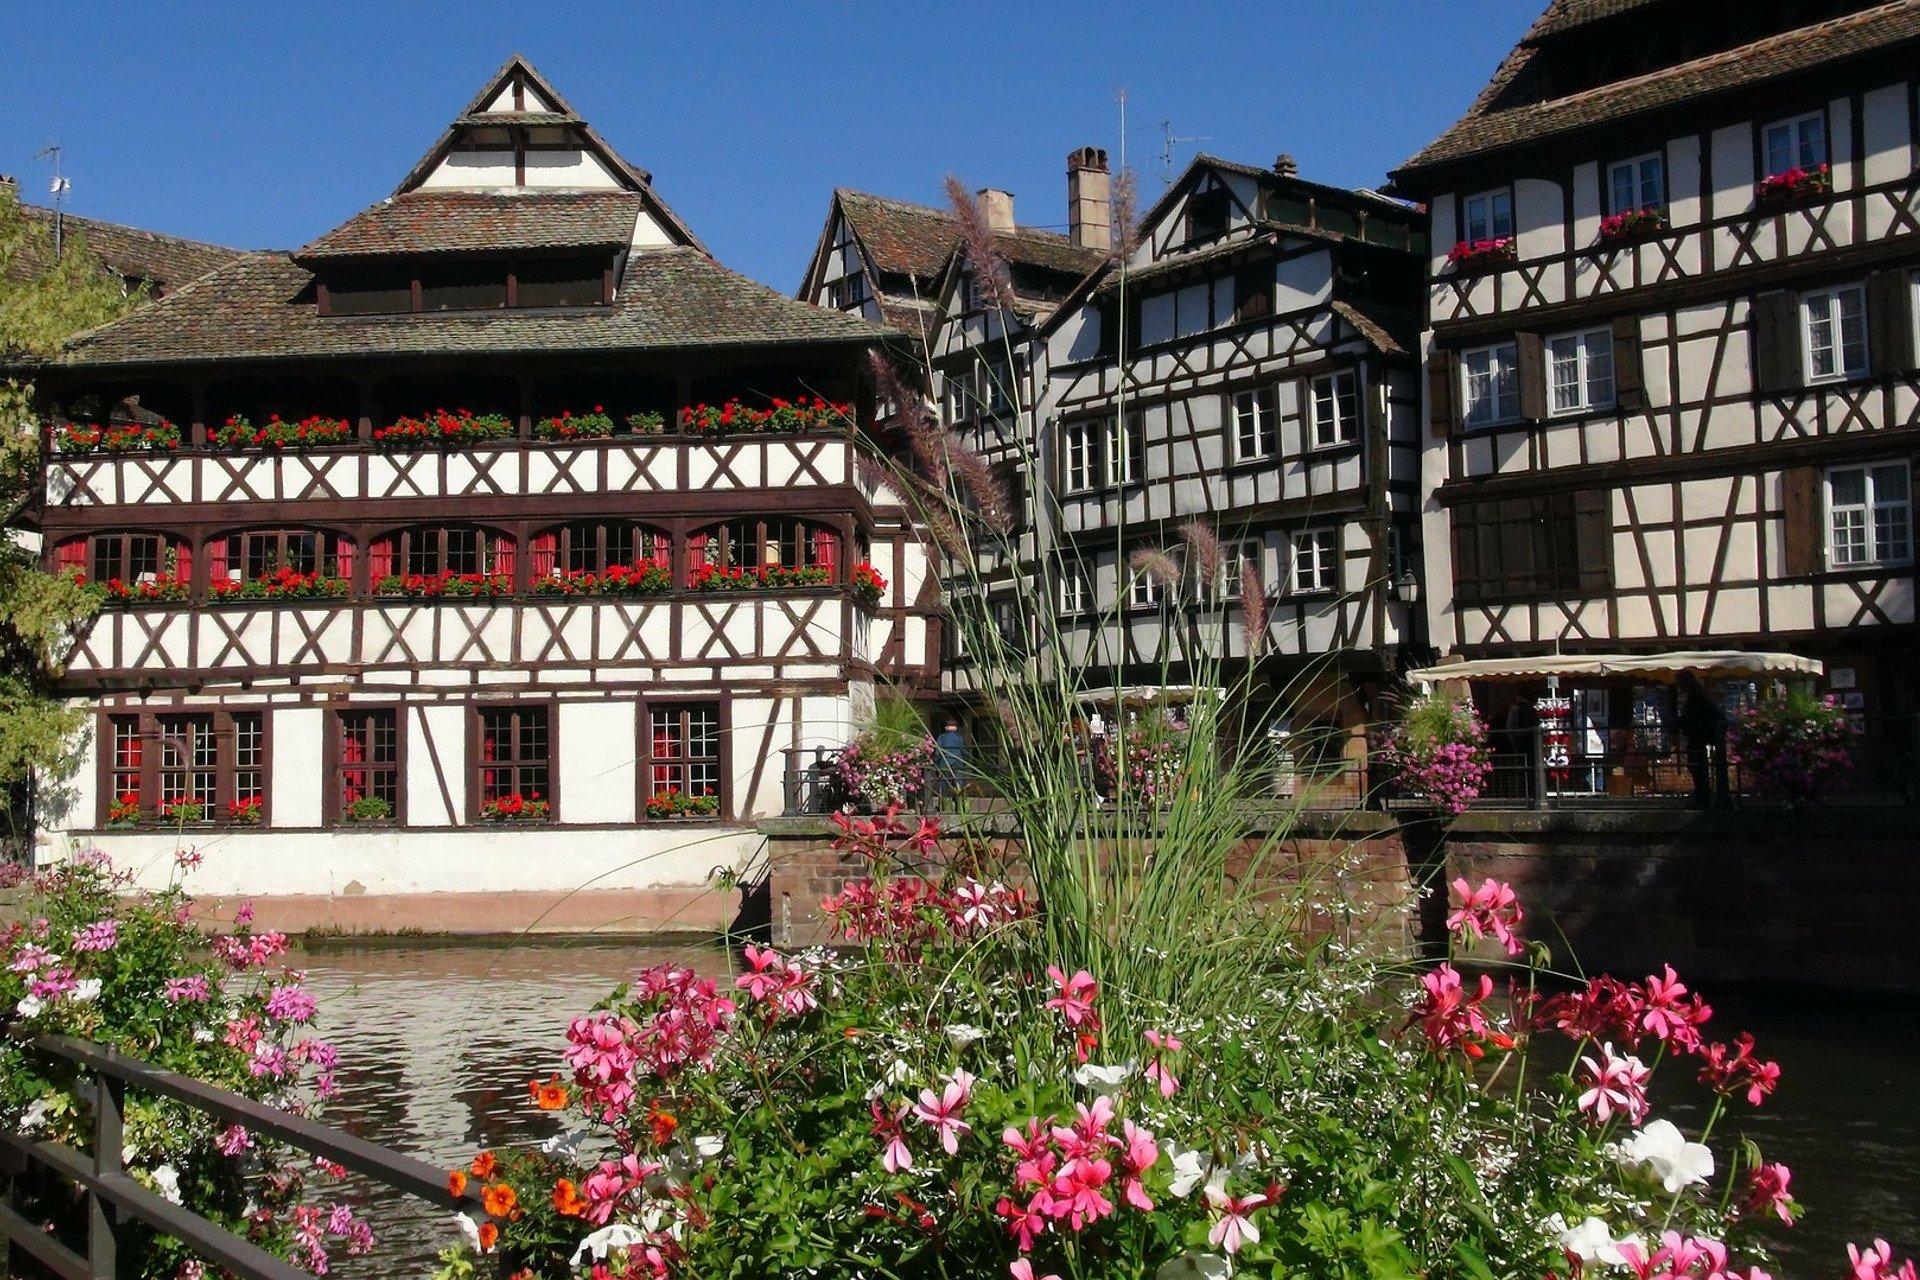 maison-colombages-visite privée-Strasbourg-Alsace-France